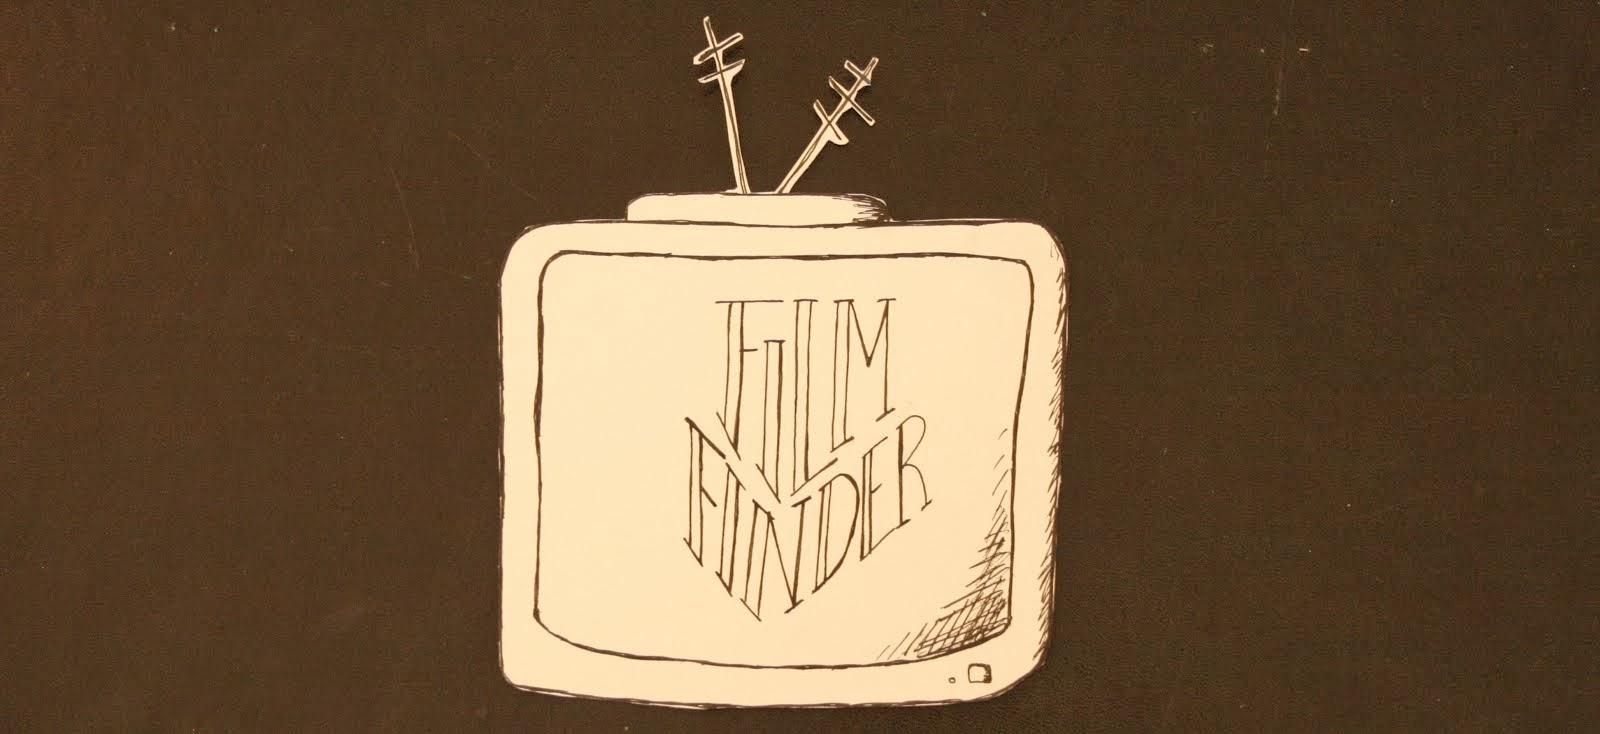 Film Finder